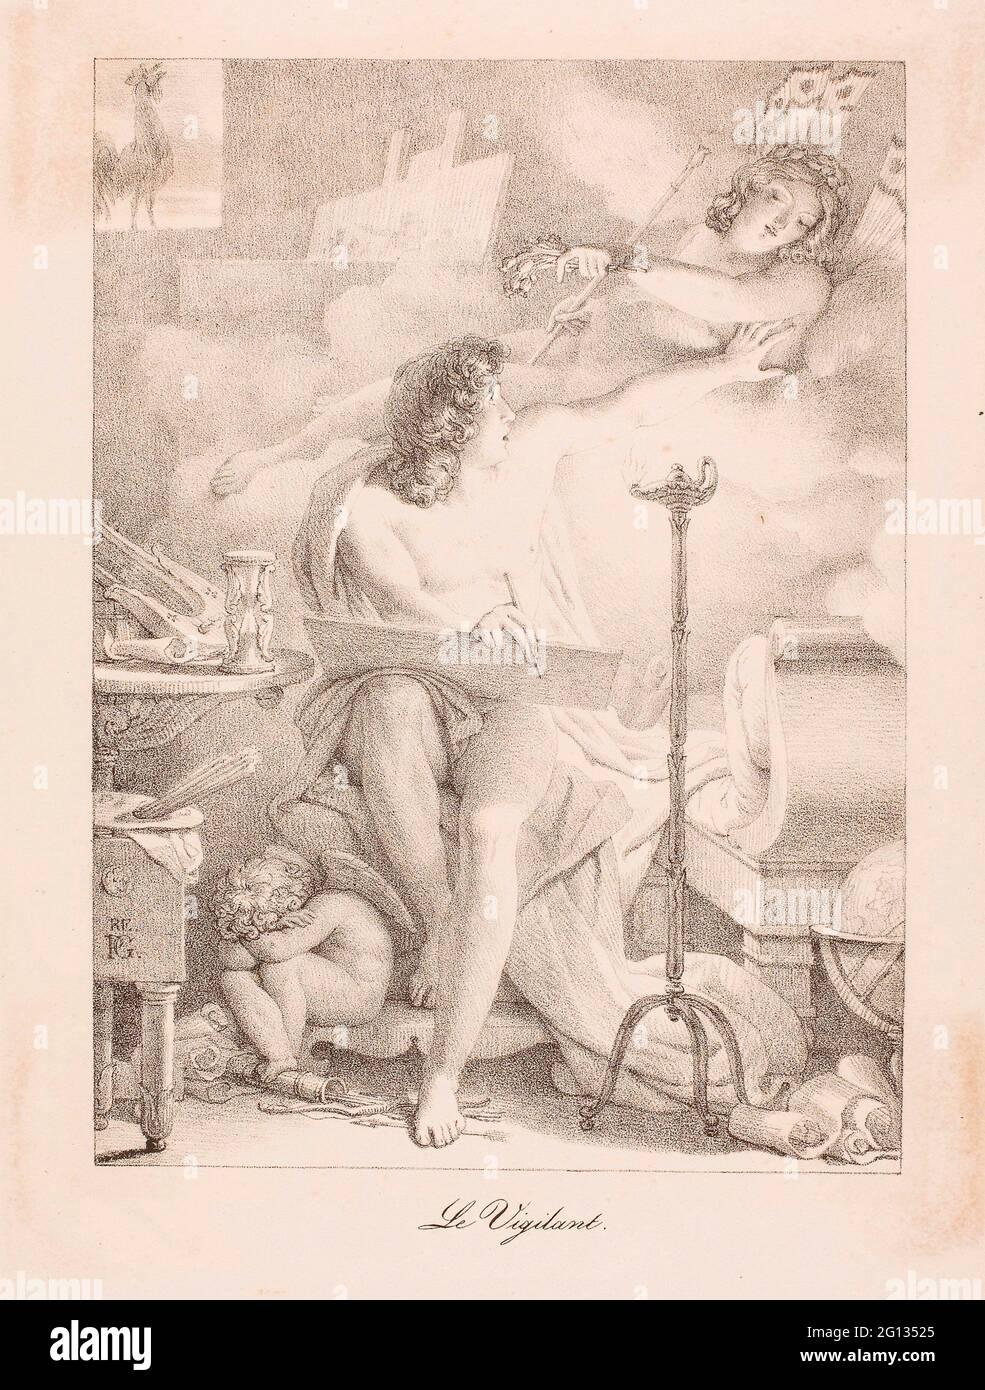 Auteur: Pierre Gurin. Le vigilant - 1816 - Pierre Gurin Français, 1774-1833. Lithographie en noir sur papier vélin crème. France. Banque D'Images